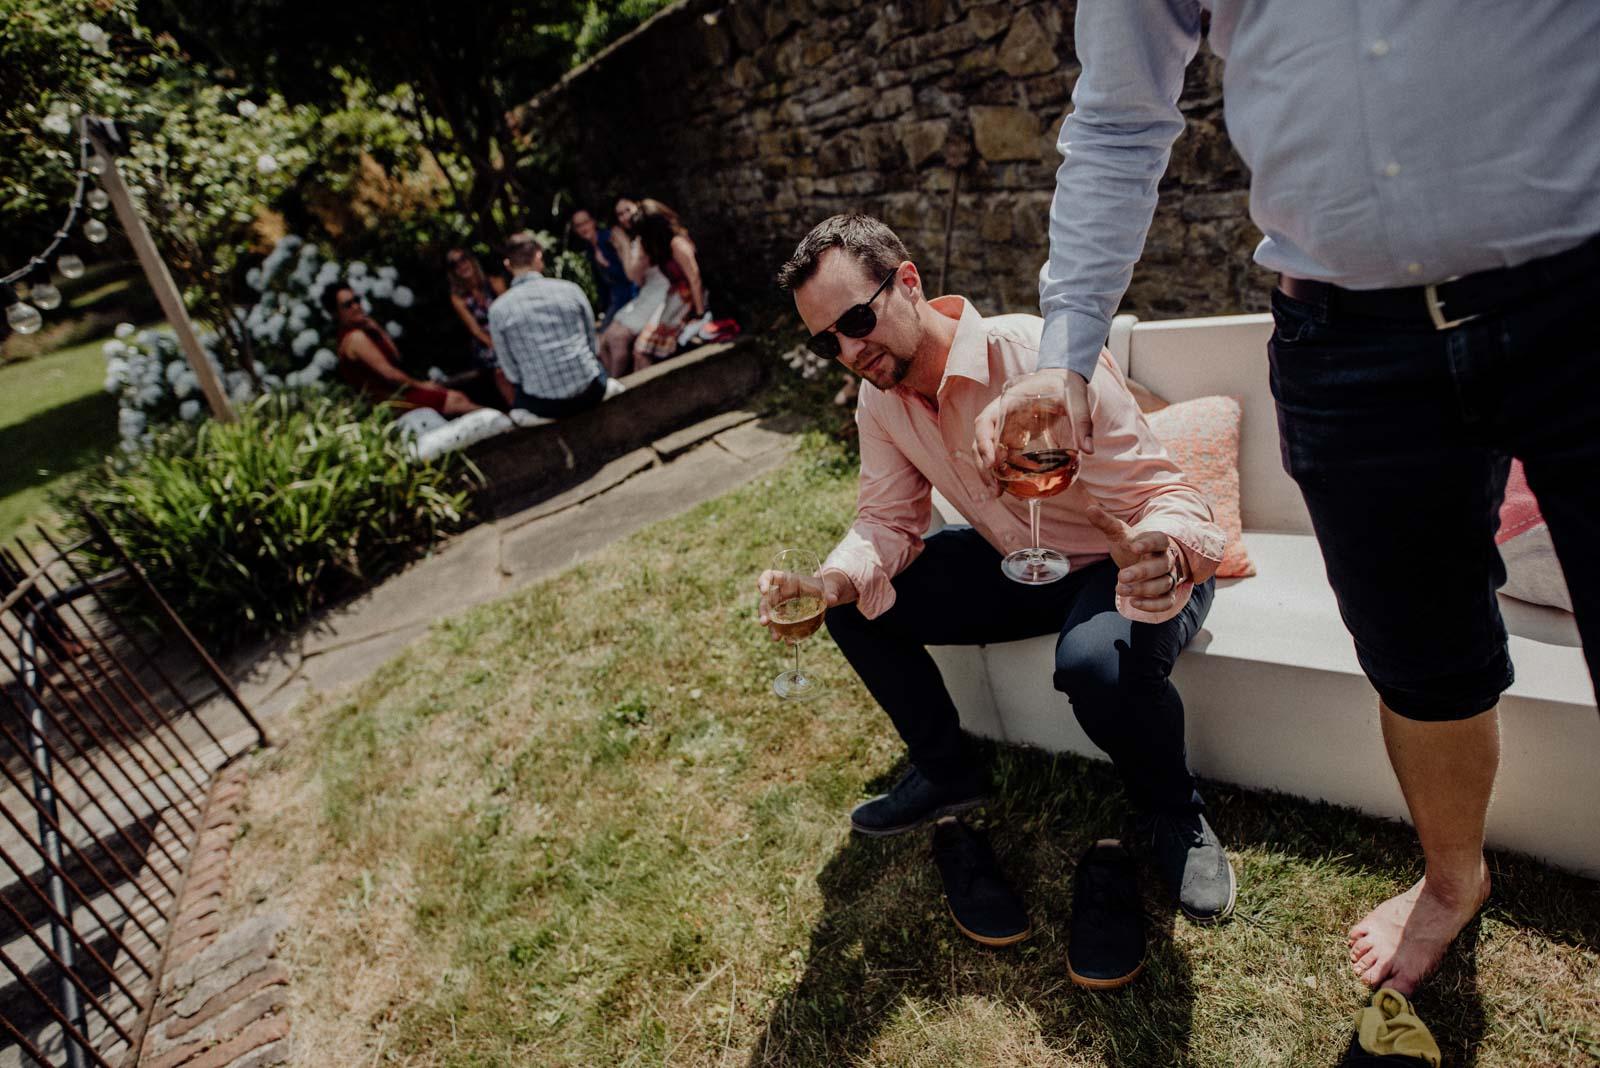 Abkuehlung am Hochzeitstag im Kneippbecken